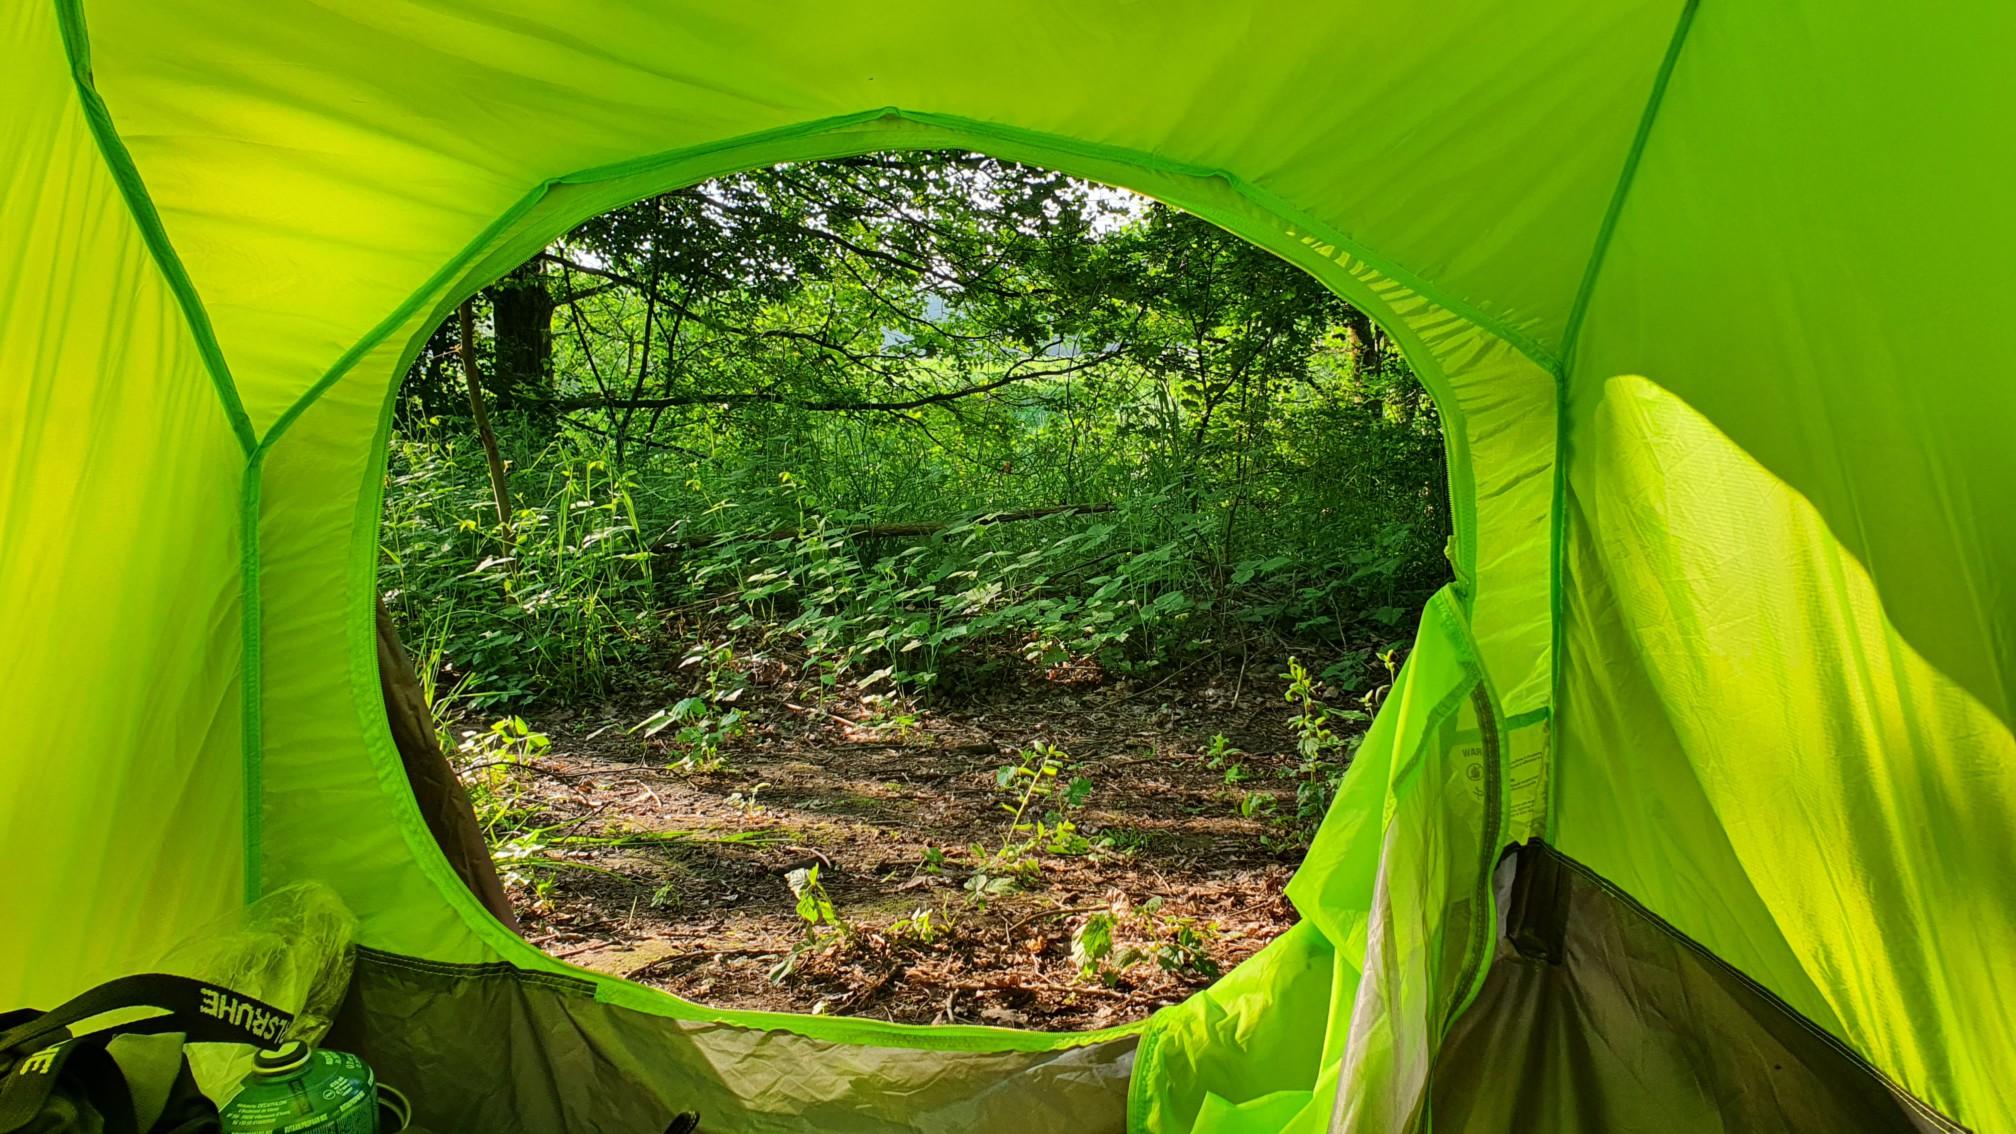 Zelten bei Hünxe